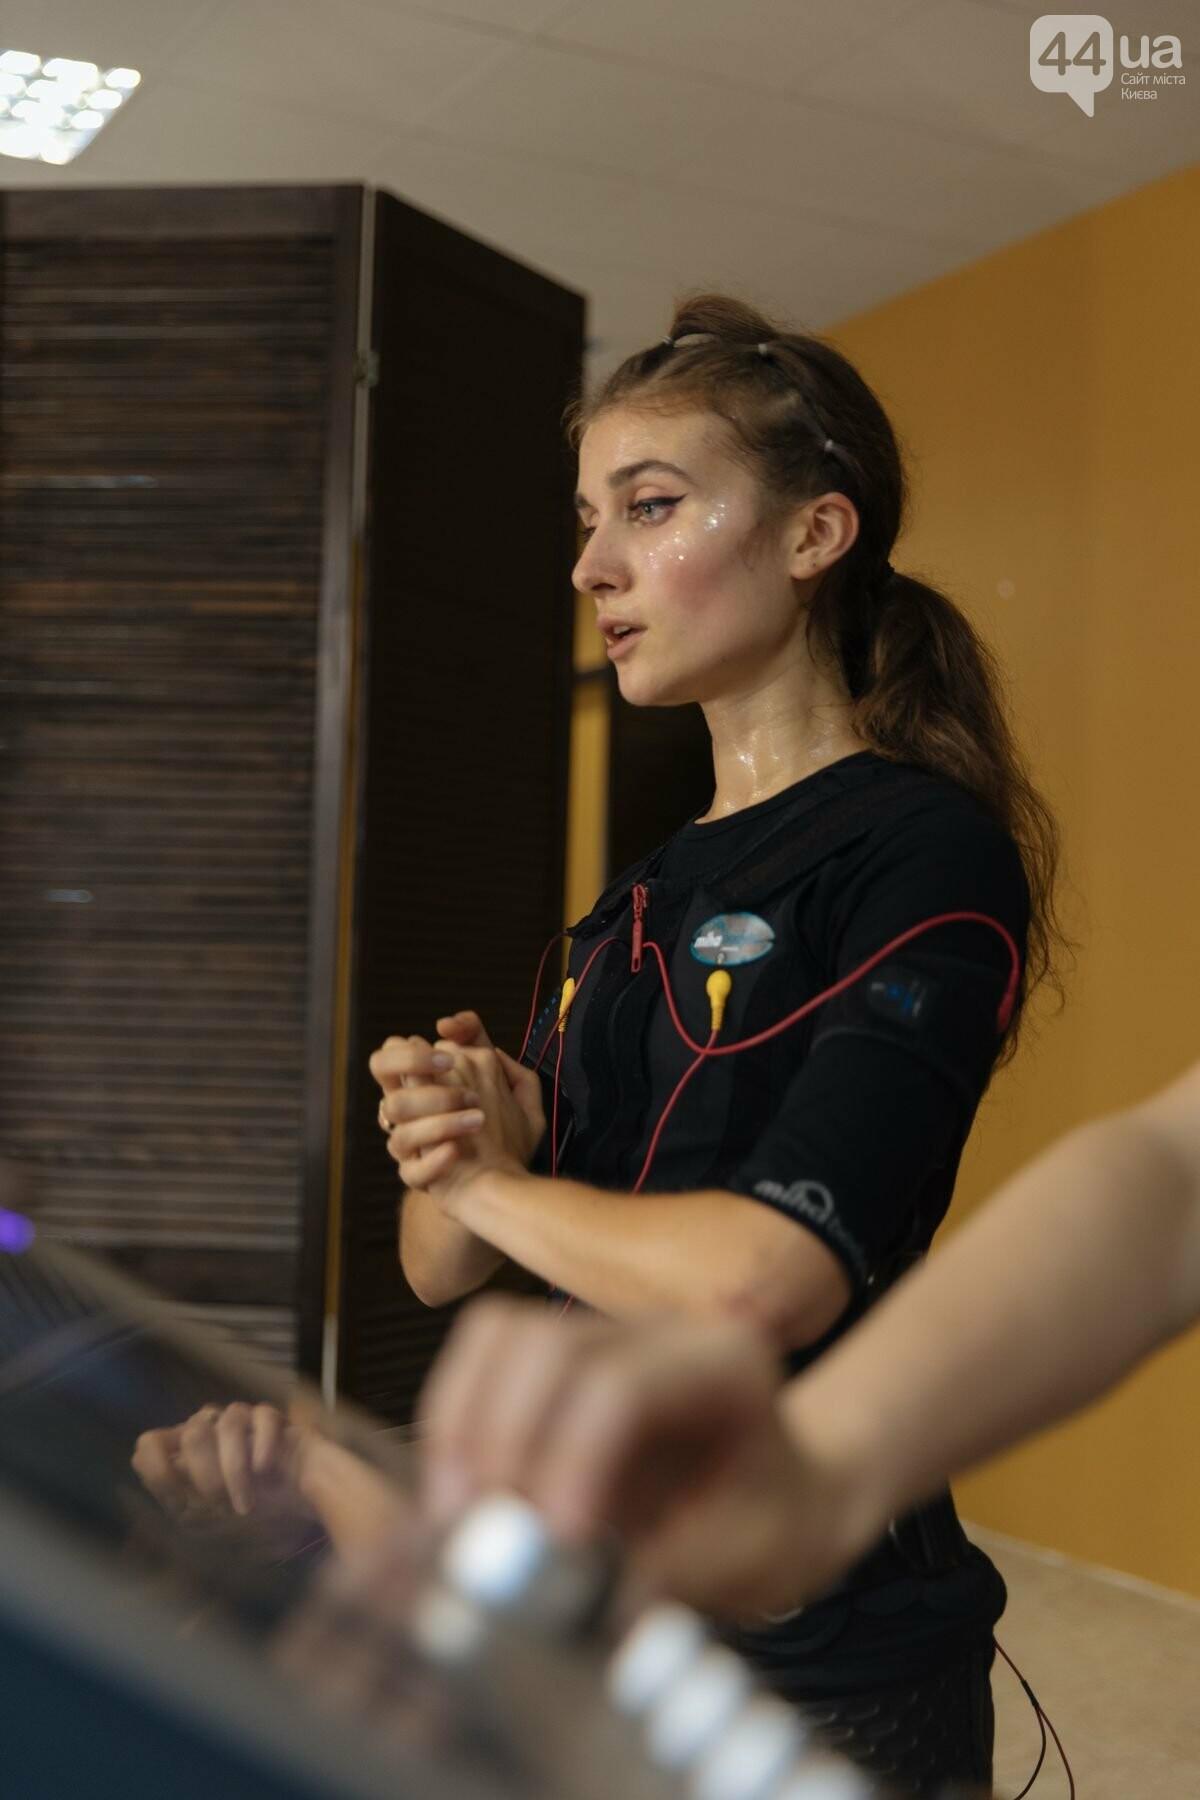 Что такое EMS фитнес и где найти EMS тренировки в Киеве?, фото-6